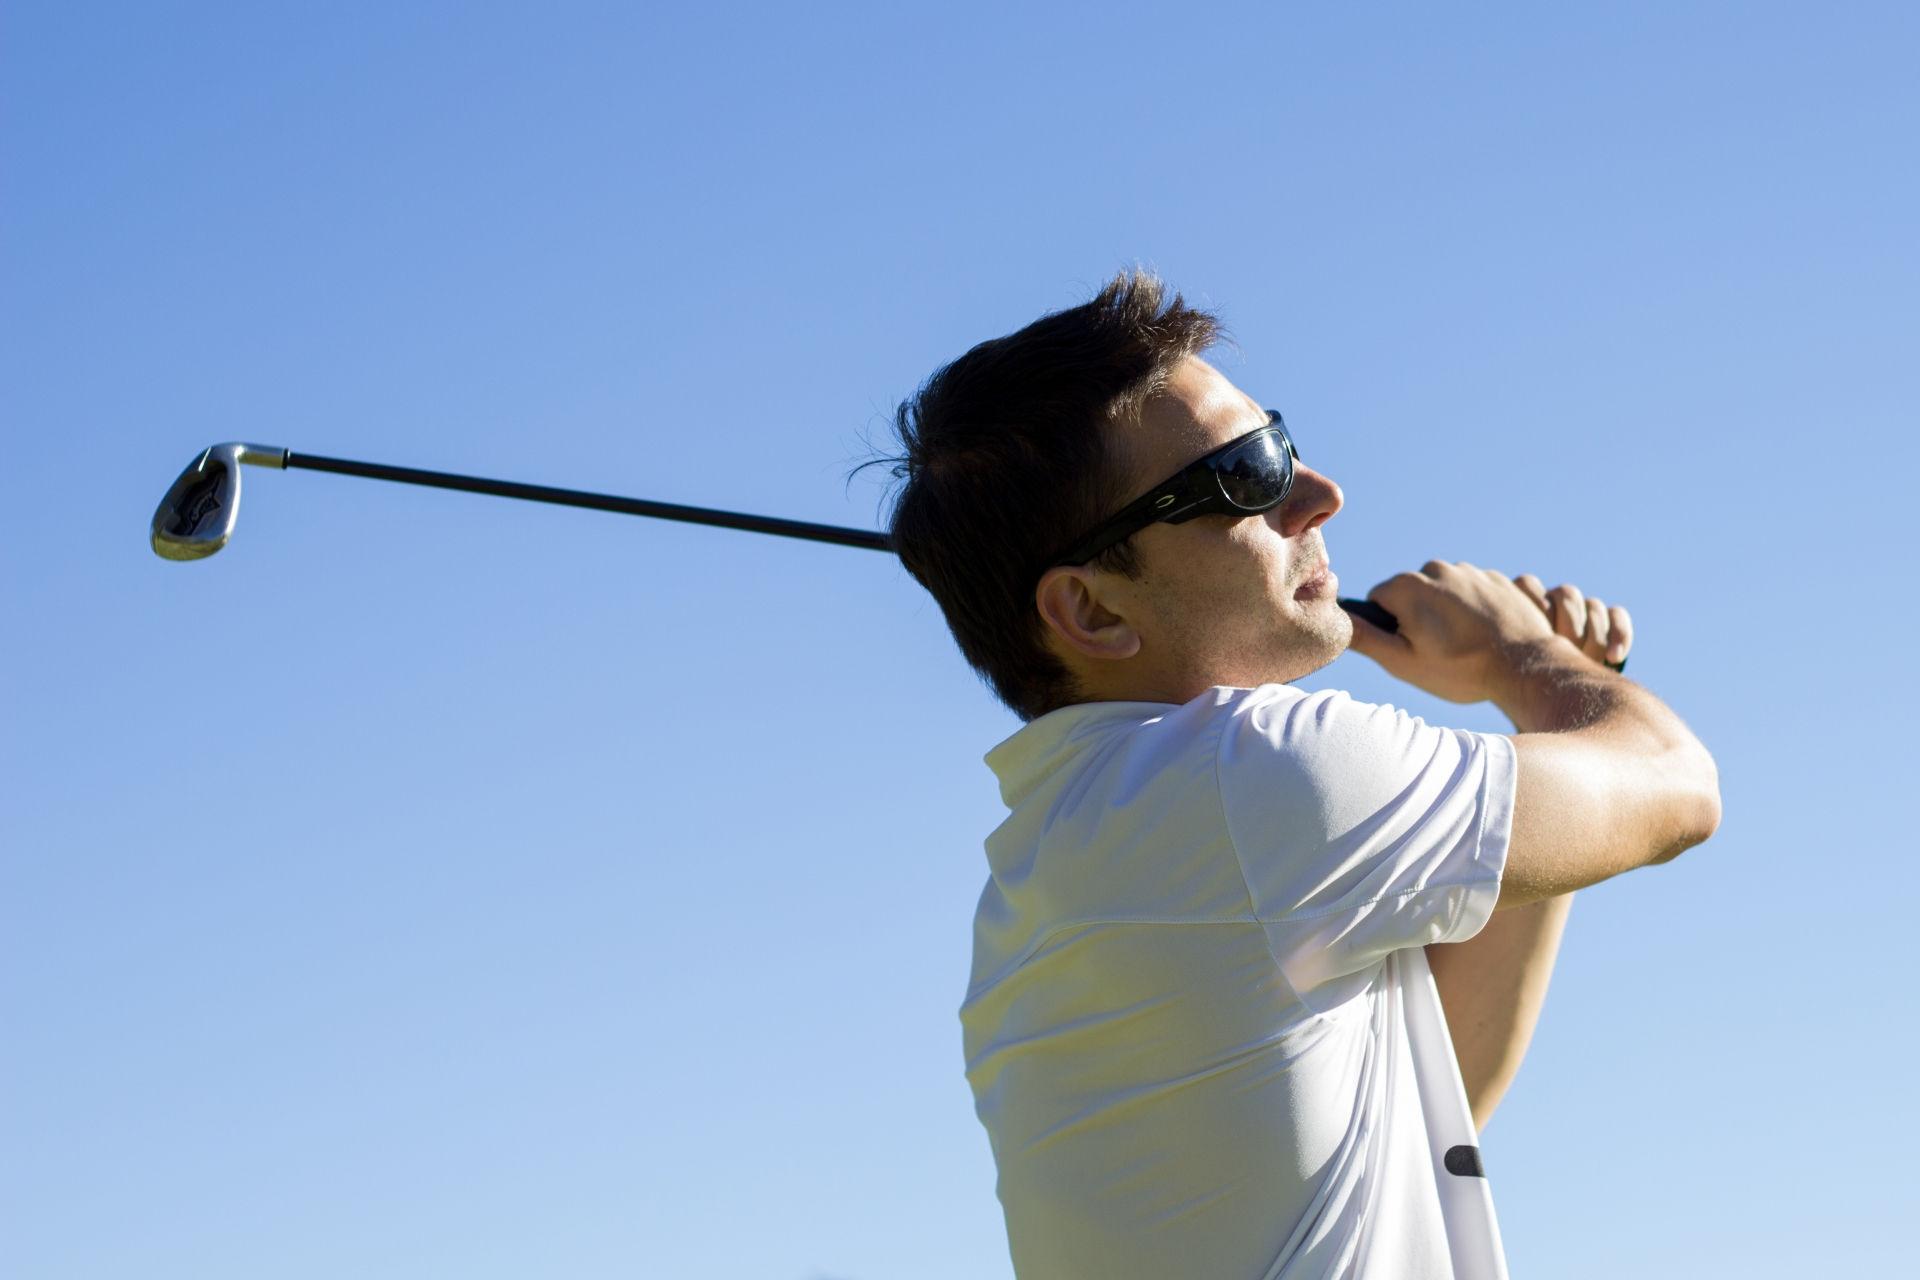 ゴルフでショットしている外国人男性